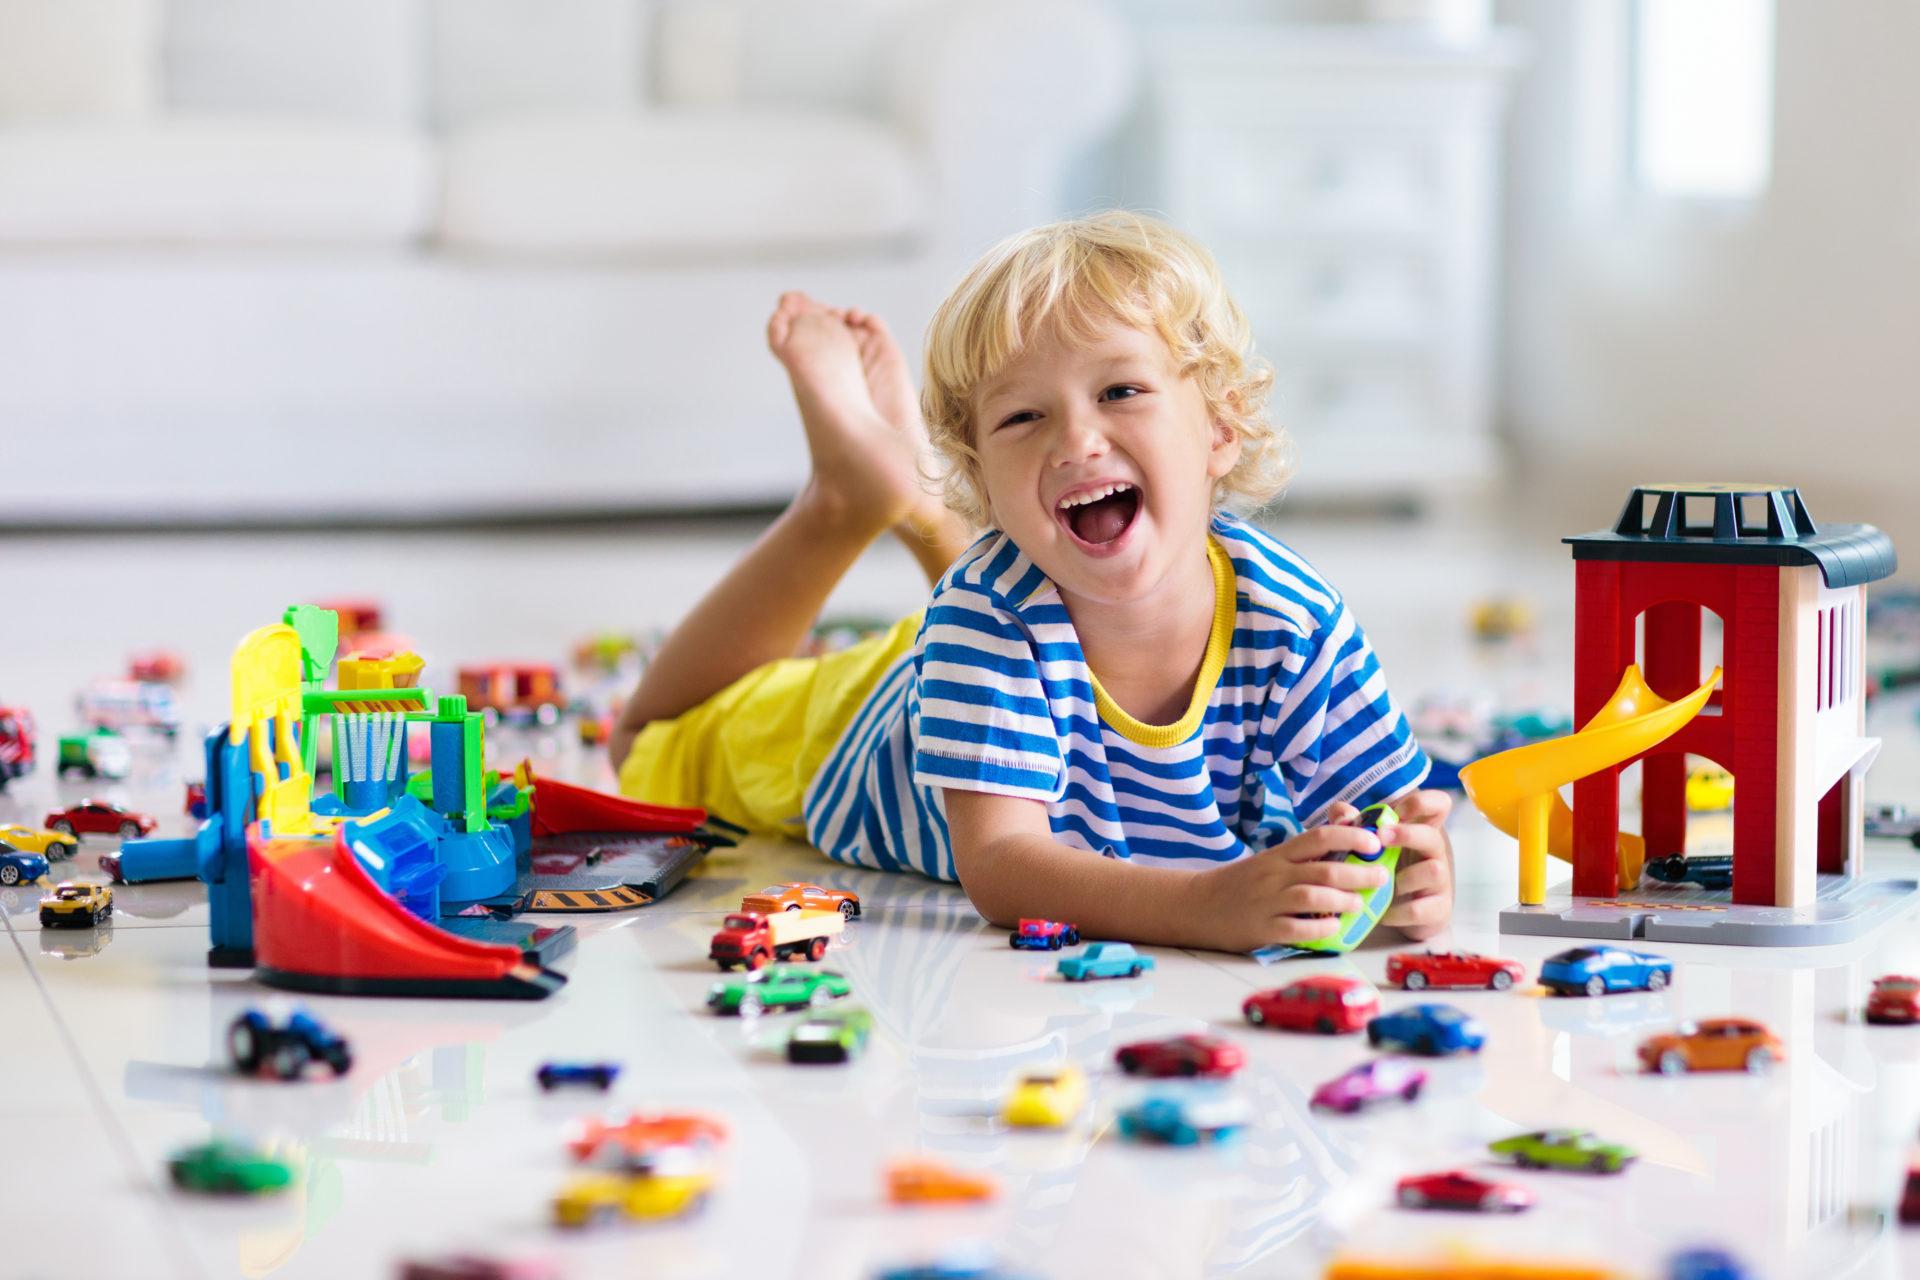 Jeu Eveil Enfant, Jouet Eveil Enfant, Cadeau D'eveil Pour pour Jouet Pour Fille De 2 Ans Et Demi